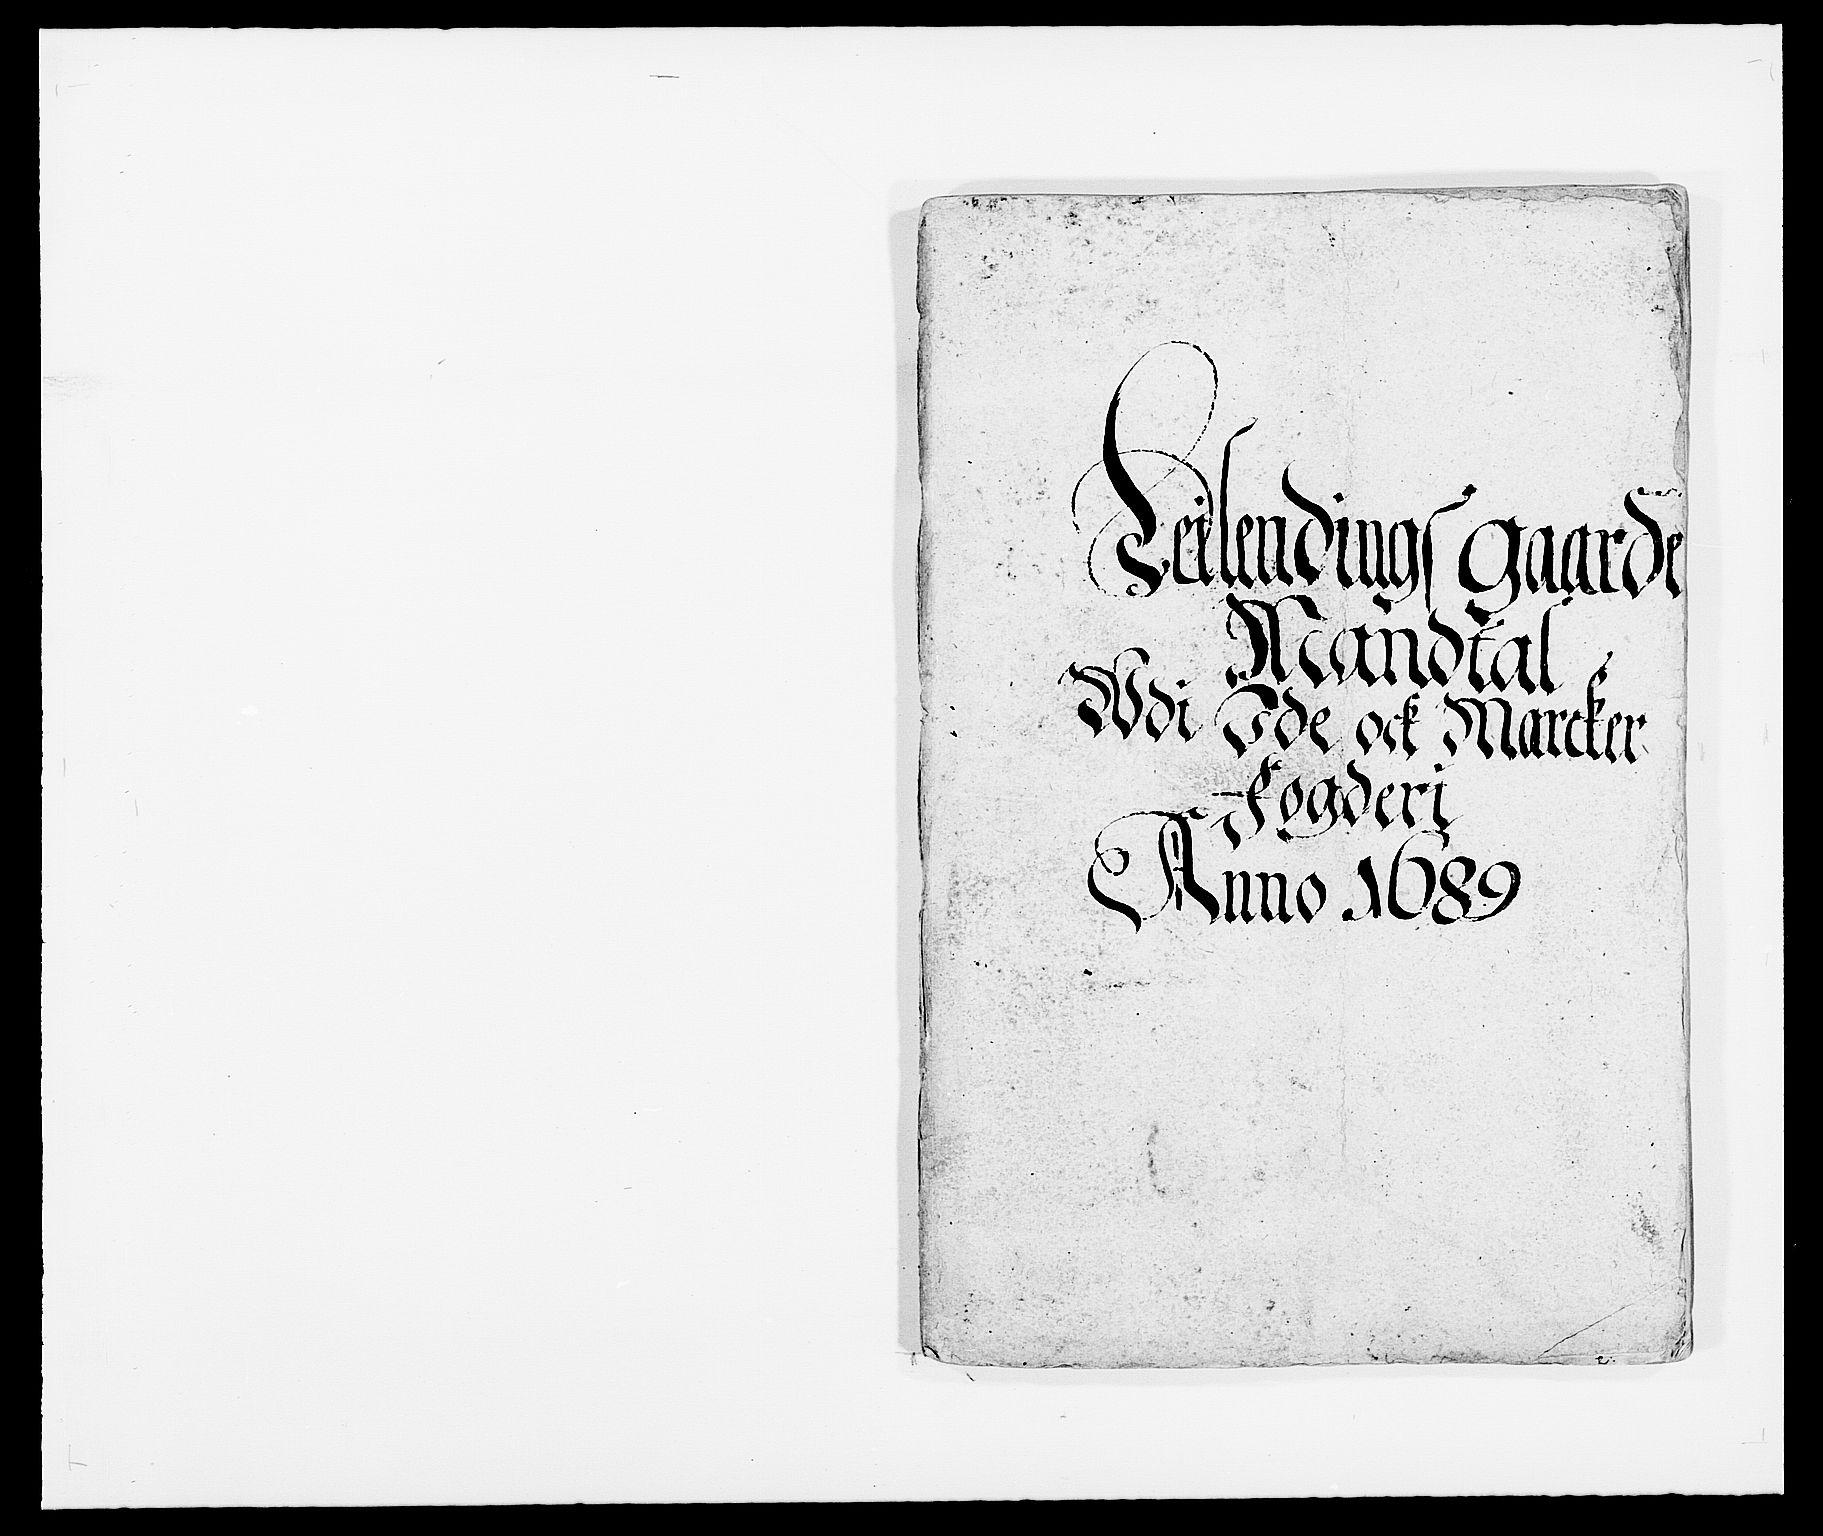 RA, Rentekammeret inntil 1814, Reviderte regnskaper, Fogderegnskap, R01/L0008: Fogderegnskap Idd og Marker, 1689, s. 139